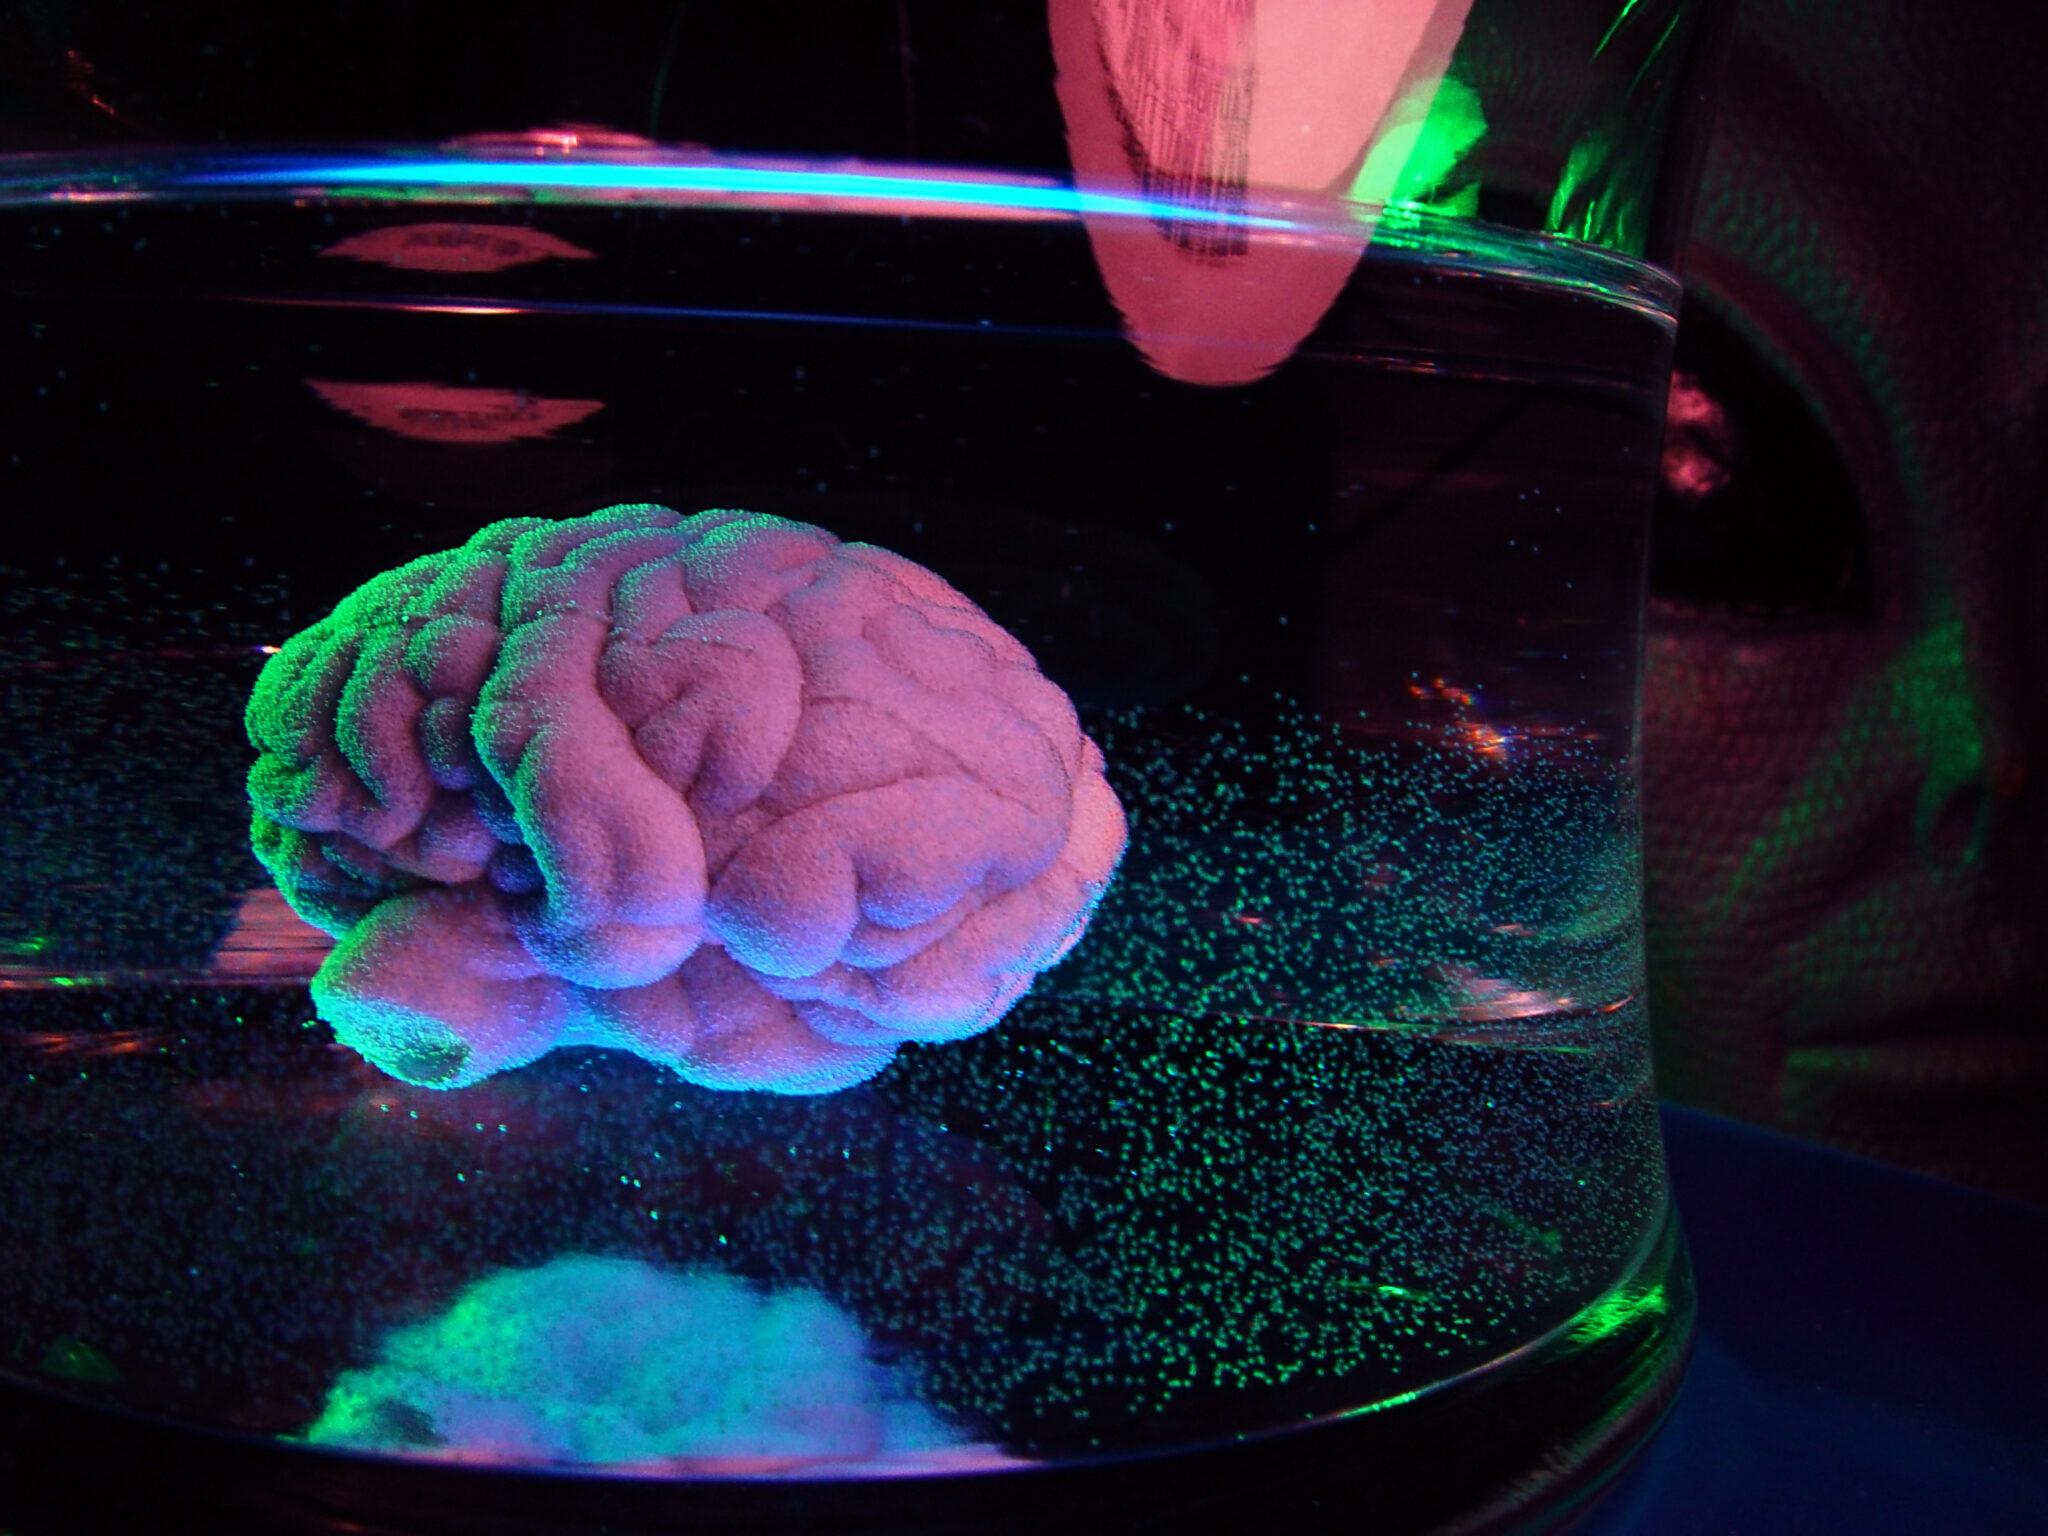 Gehirn in Gefäss